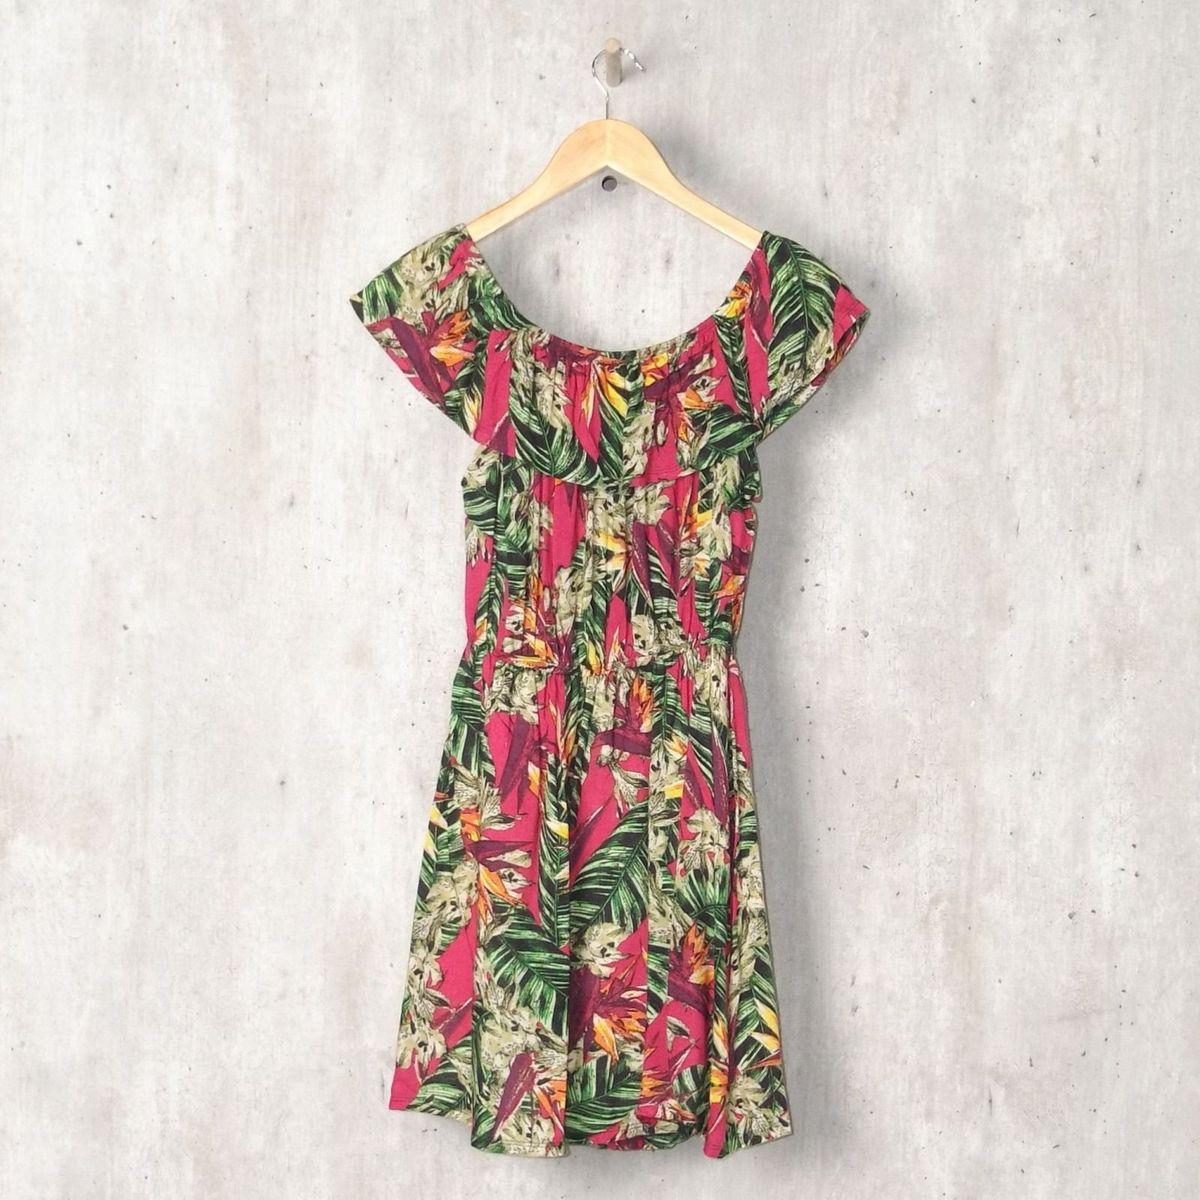 dad3de3be Vestido Rosa Estampado | Vestido Feminino Dafiti Usado 30272838 | enjoei